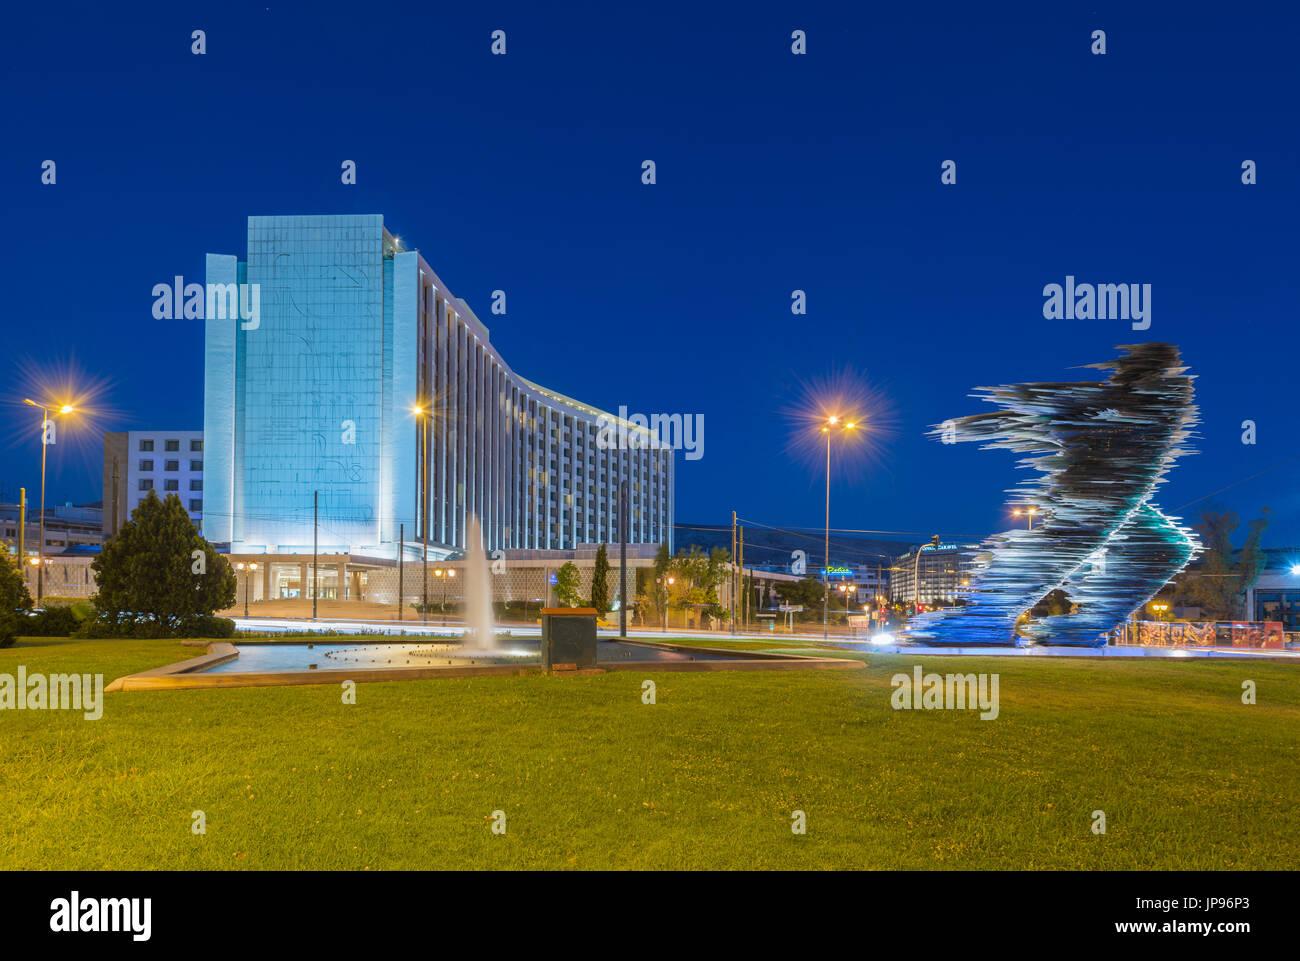 Statue de coureur en face de l'hôtel Hilton d'Evangelismos dans le centre d'Athènes Photo Stock